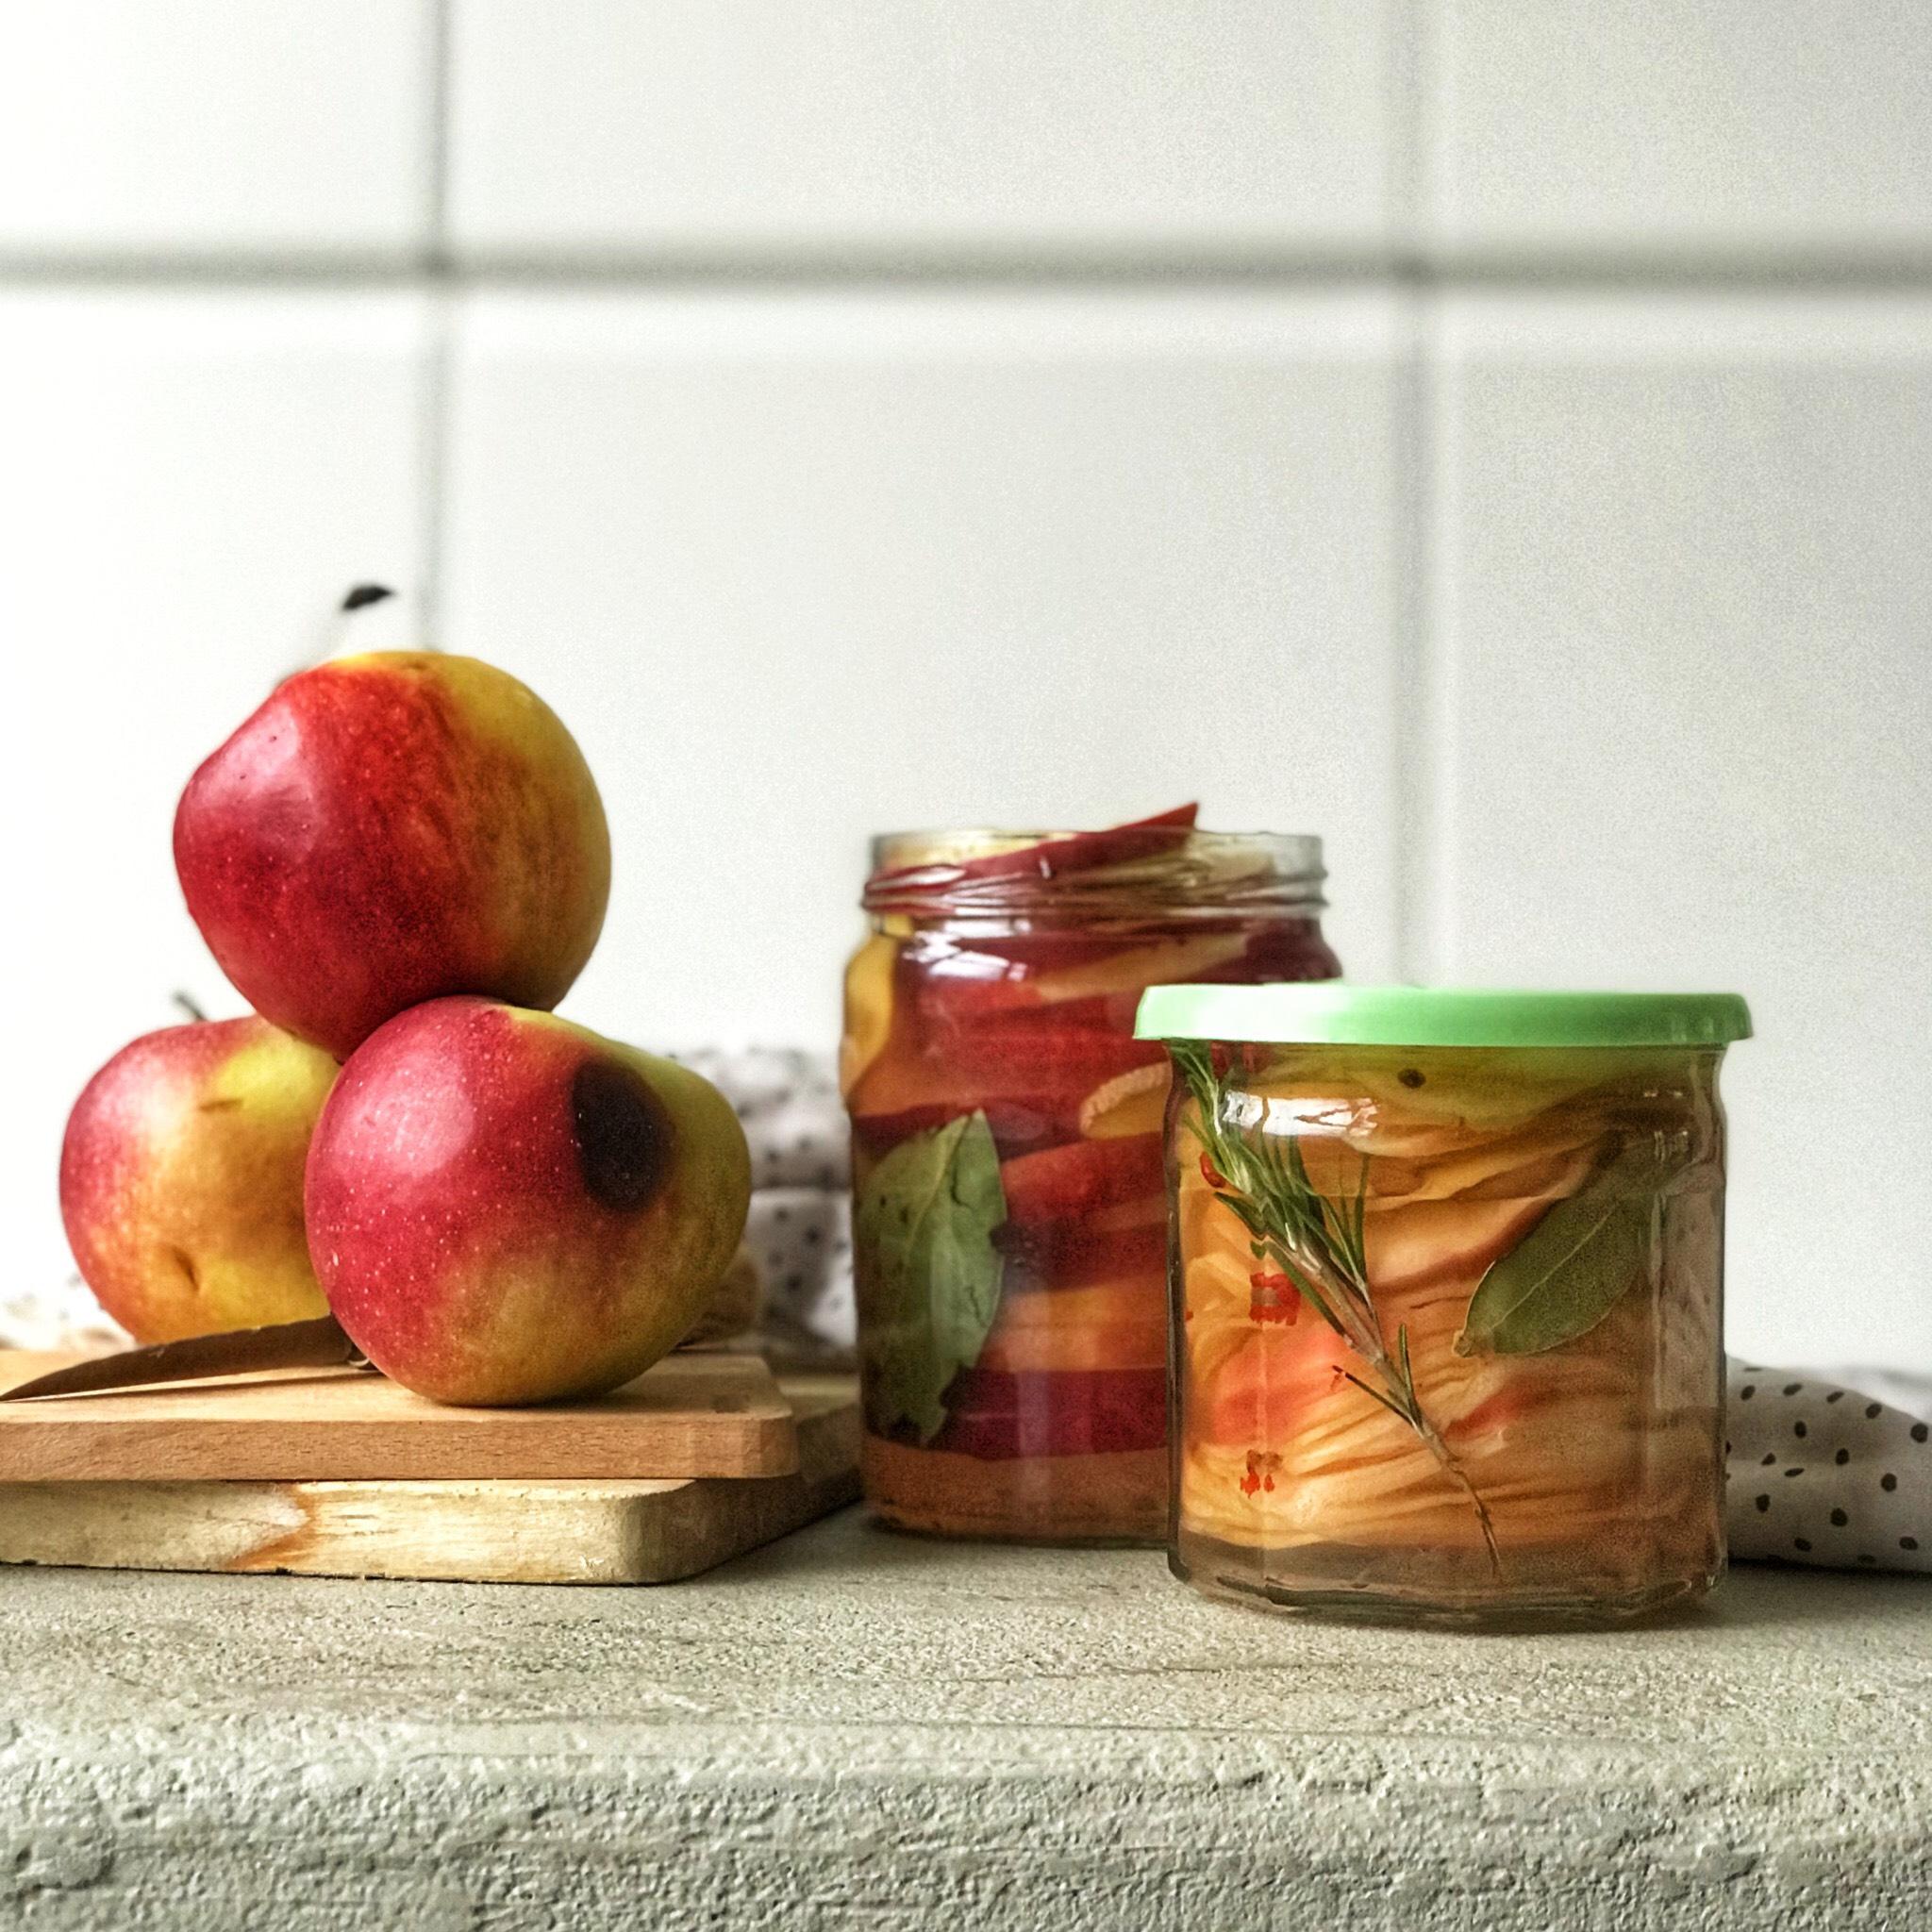 zo-maak-je-appels-in-zonder-wecken